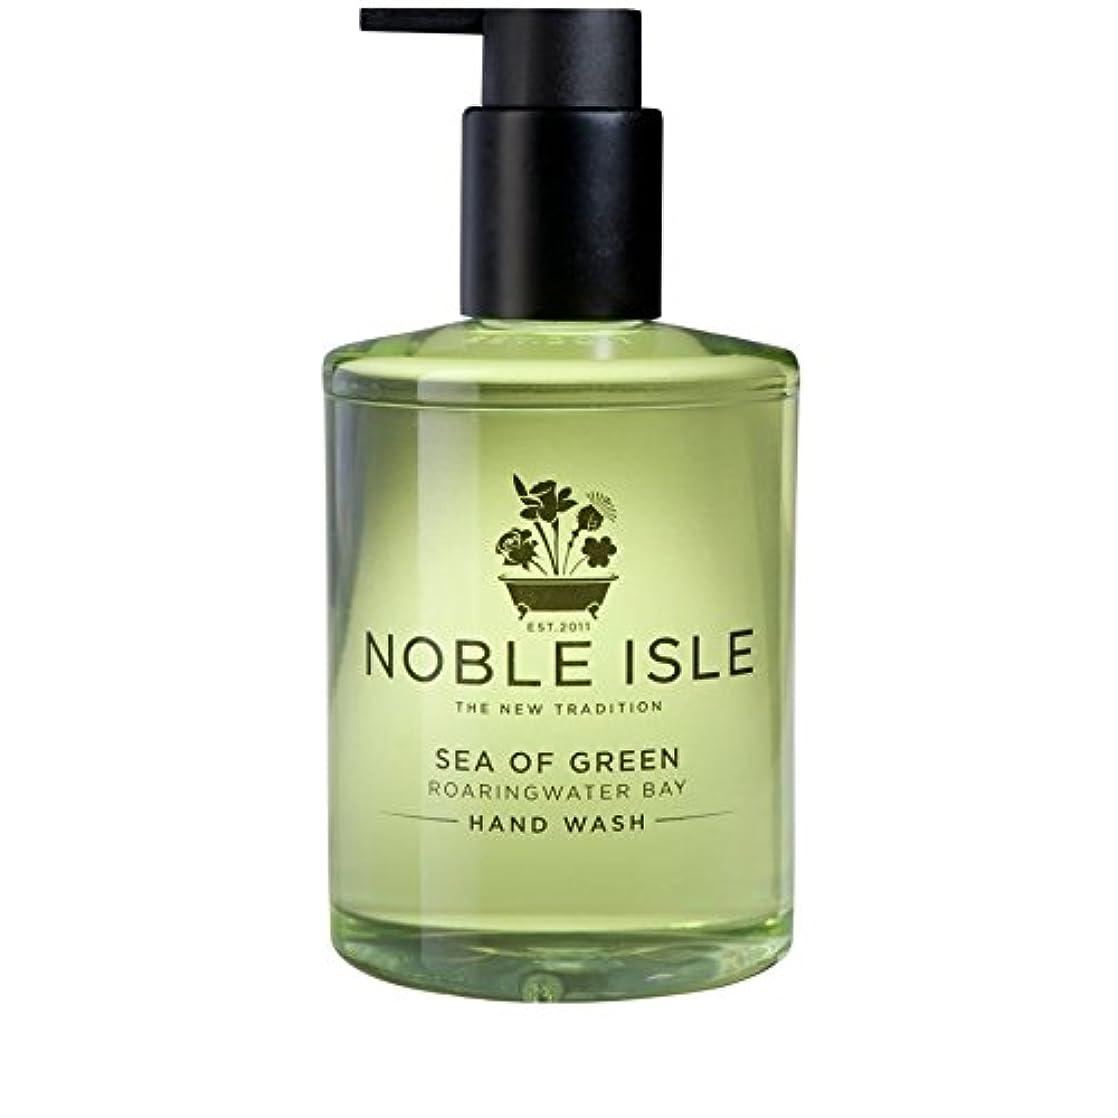 ヶ月目乱暴なボードNoble Isle Sea of Green Roaringwater Bay Hand Wash 250ml (Pack of 6) - 緑ベイハンドウォッシュ250ミリリットルの高貴な島の海 x6 [並行輸入品]